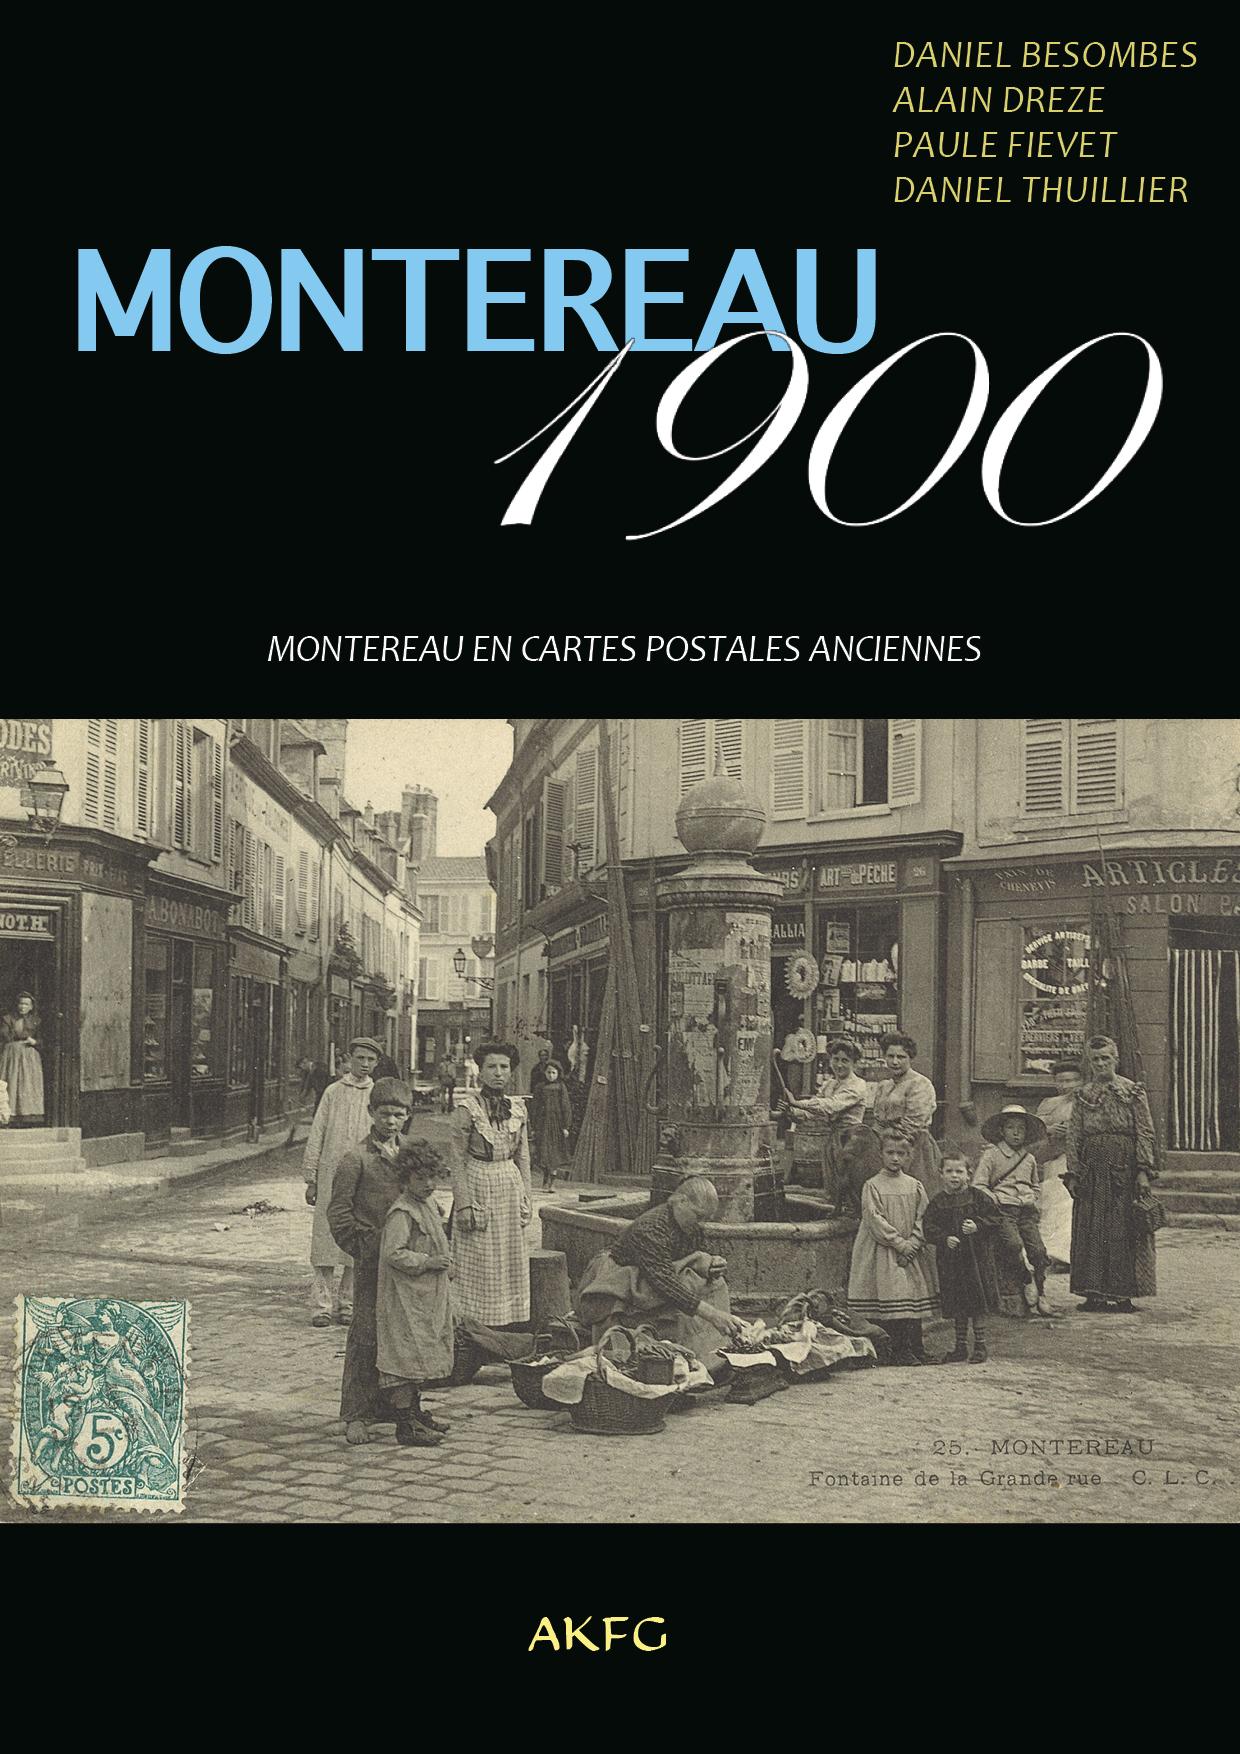 MONTEREAU 1900